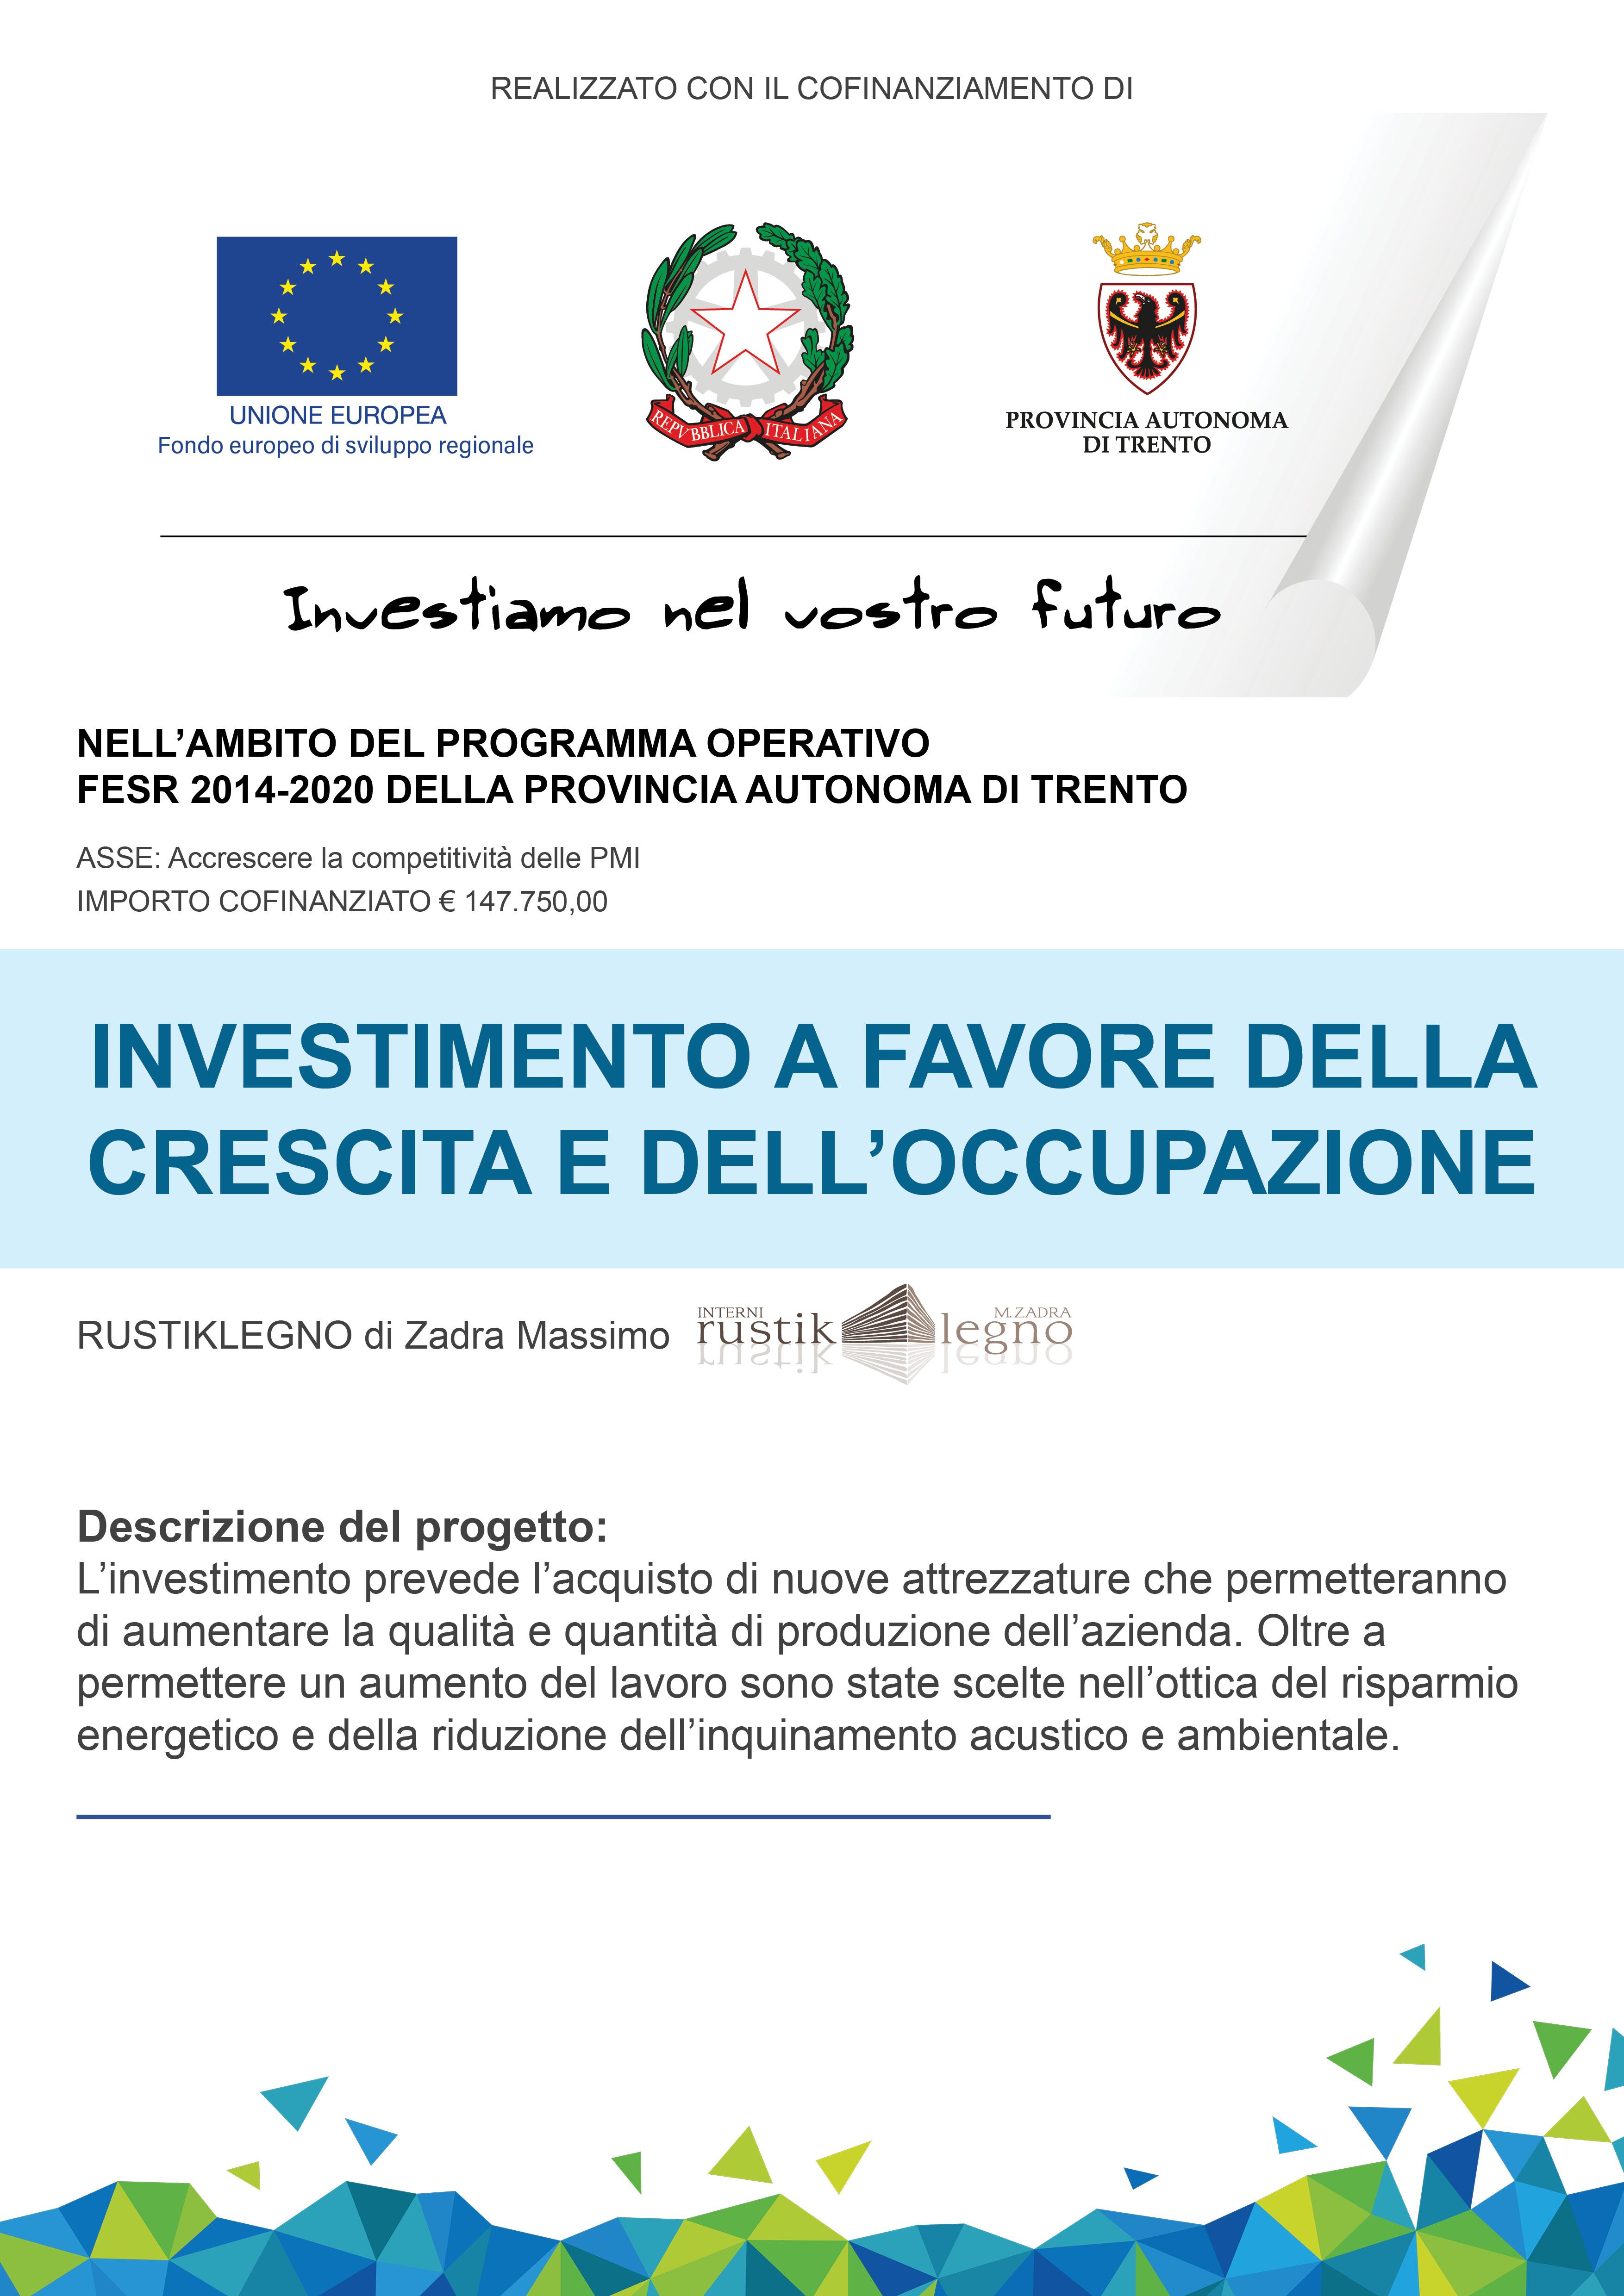 Programma Operativo FESR 2014-2020